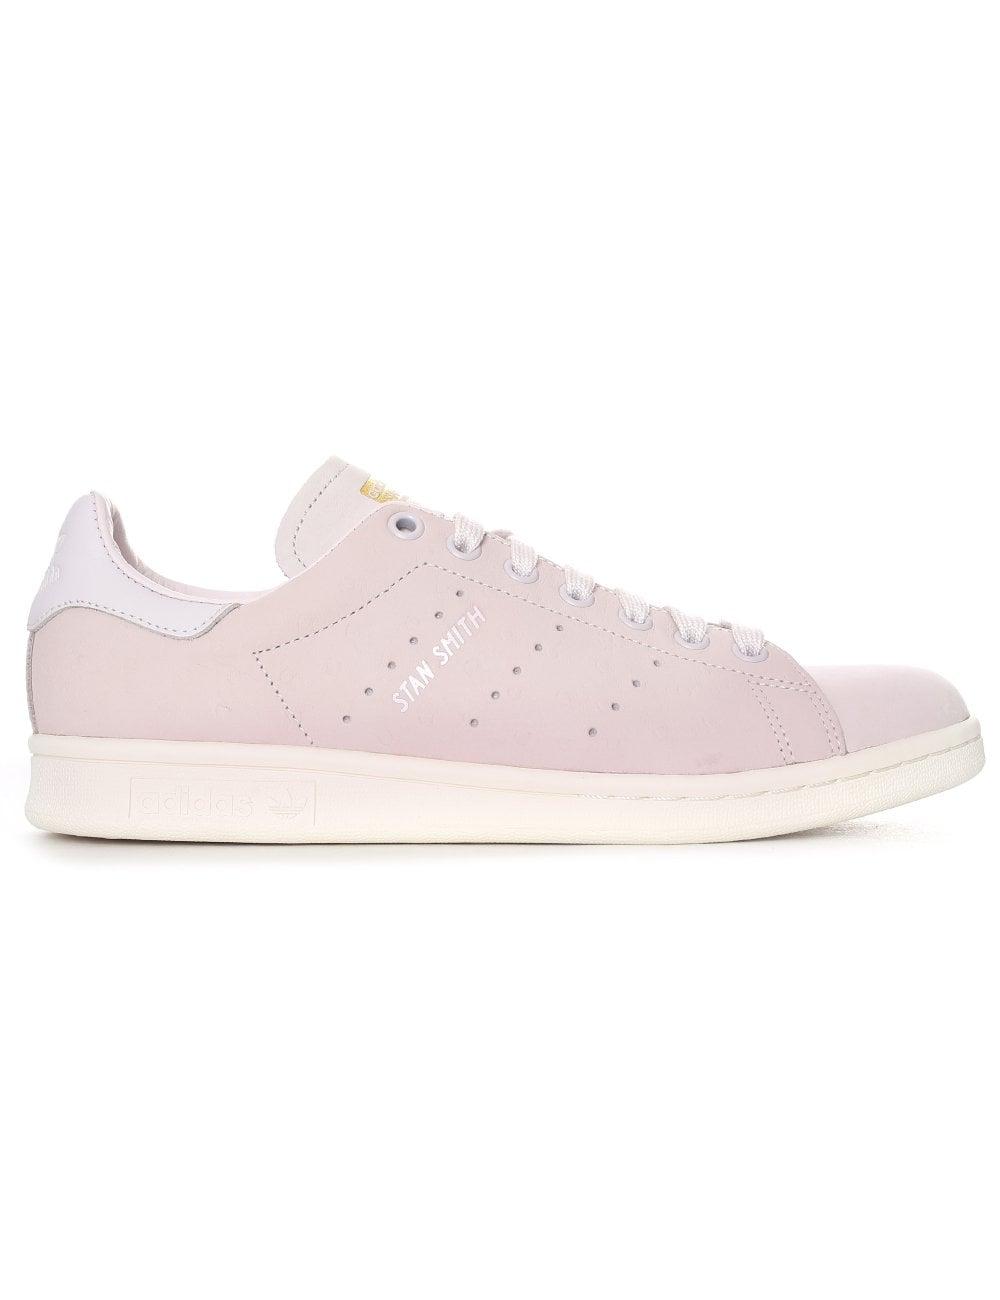 low priced ddb30 cdb55 Adidas Women's Stan Smith W Trainer